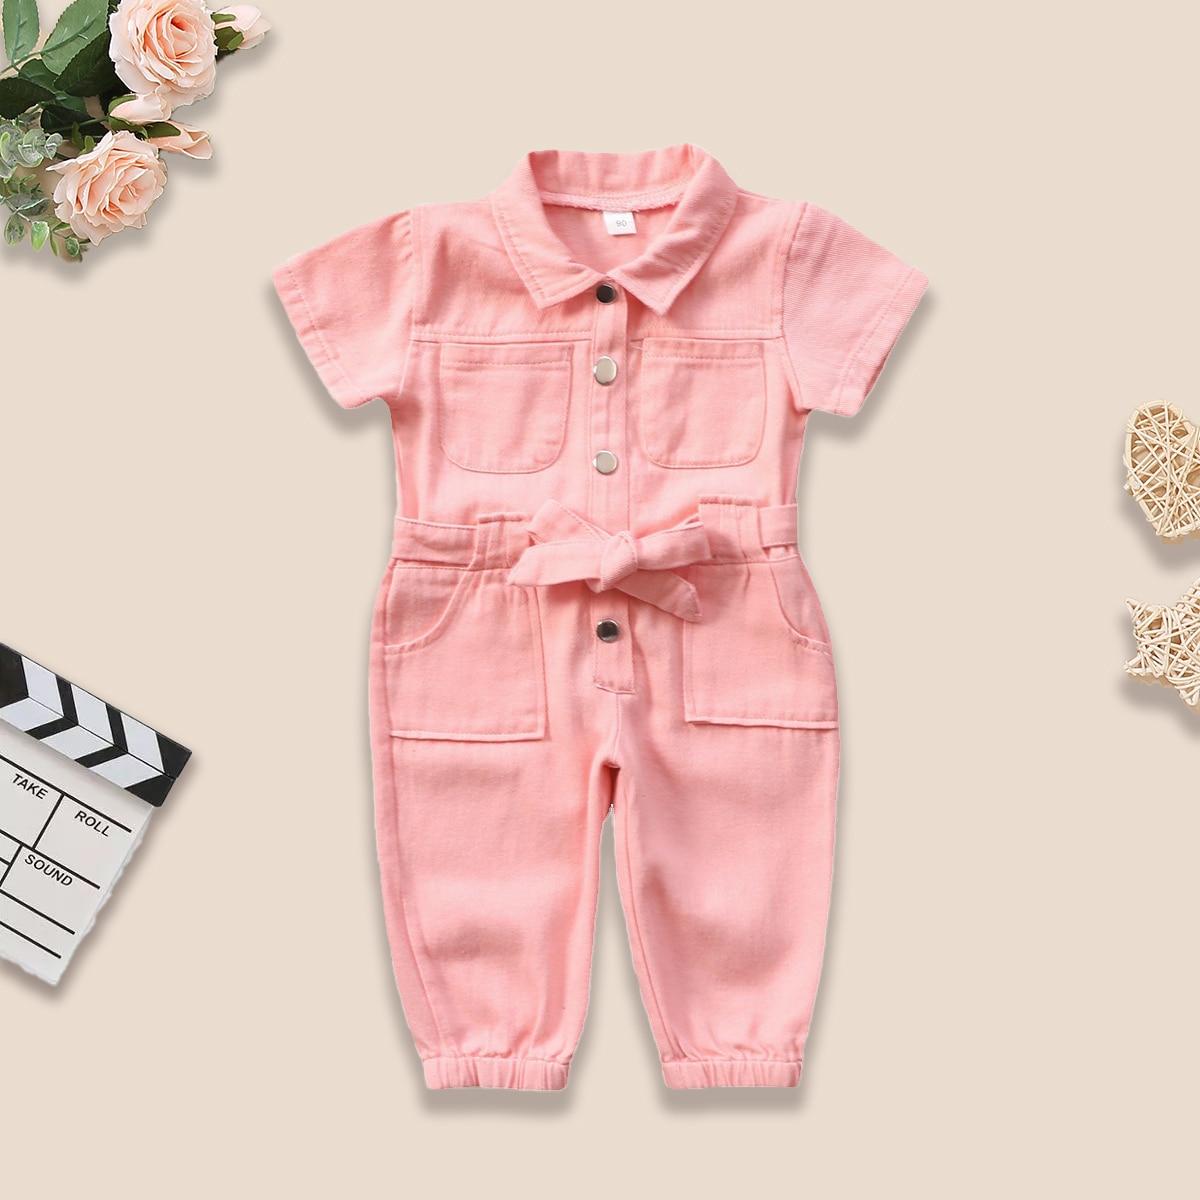 פעוט תינוקת סרבל Romper כפתור ורוד כיס בגדי עבודה מזדמן חתיכה אחת עומד צווארון כיס קצר שרוול בגדים